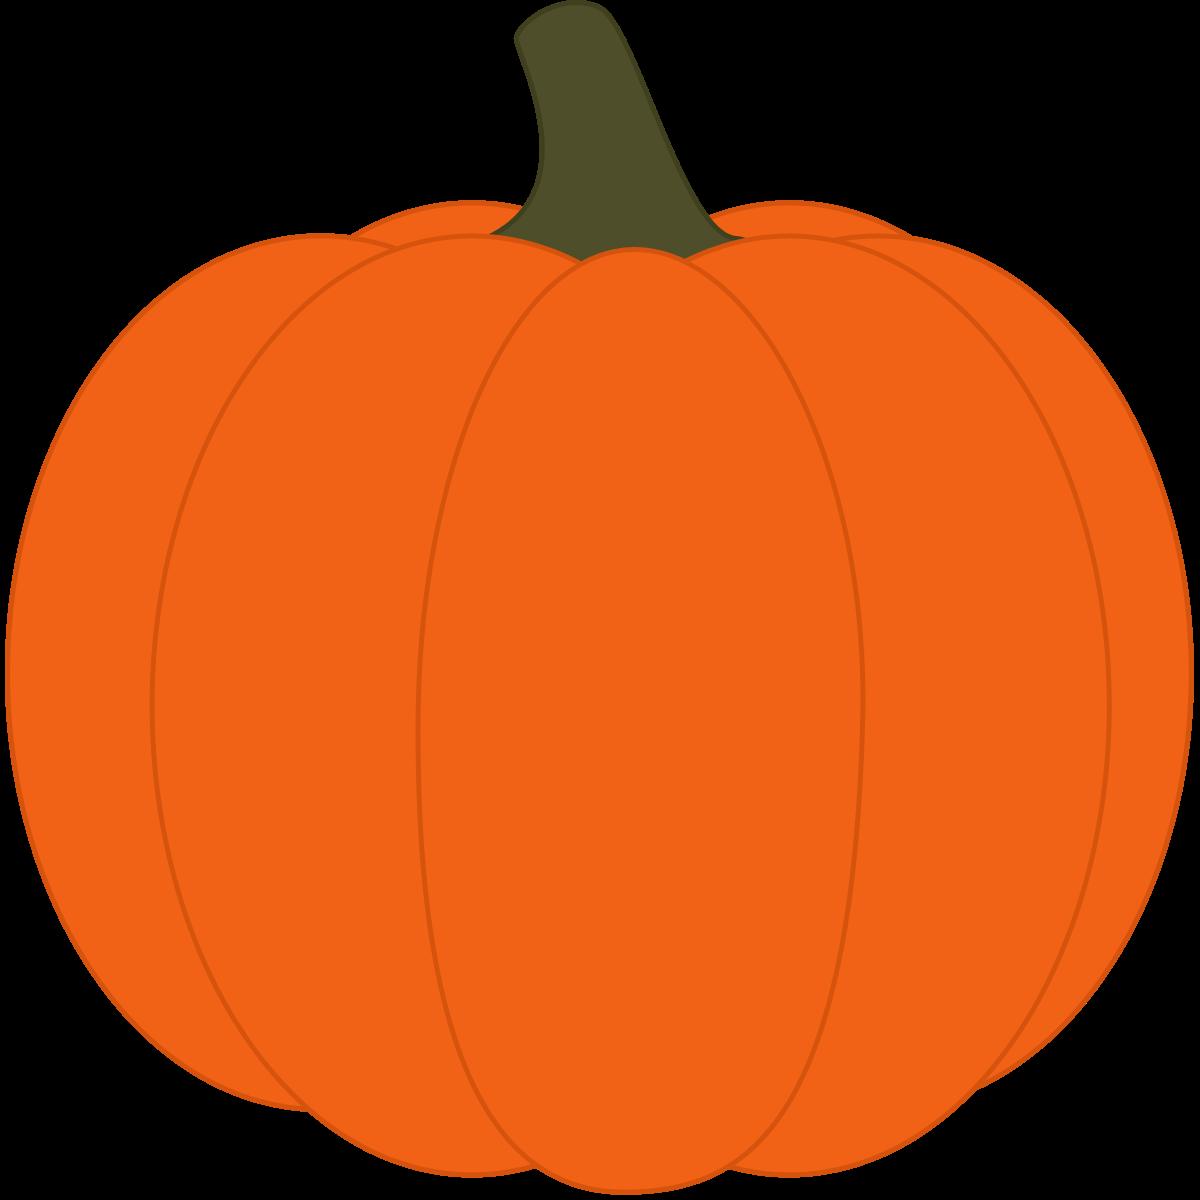 Frankenstein clipart pumpkin. Gourd clear background free